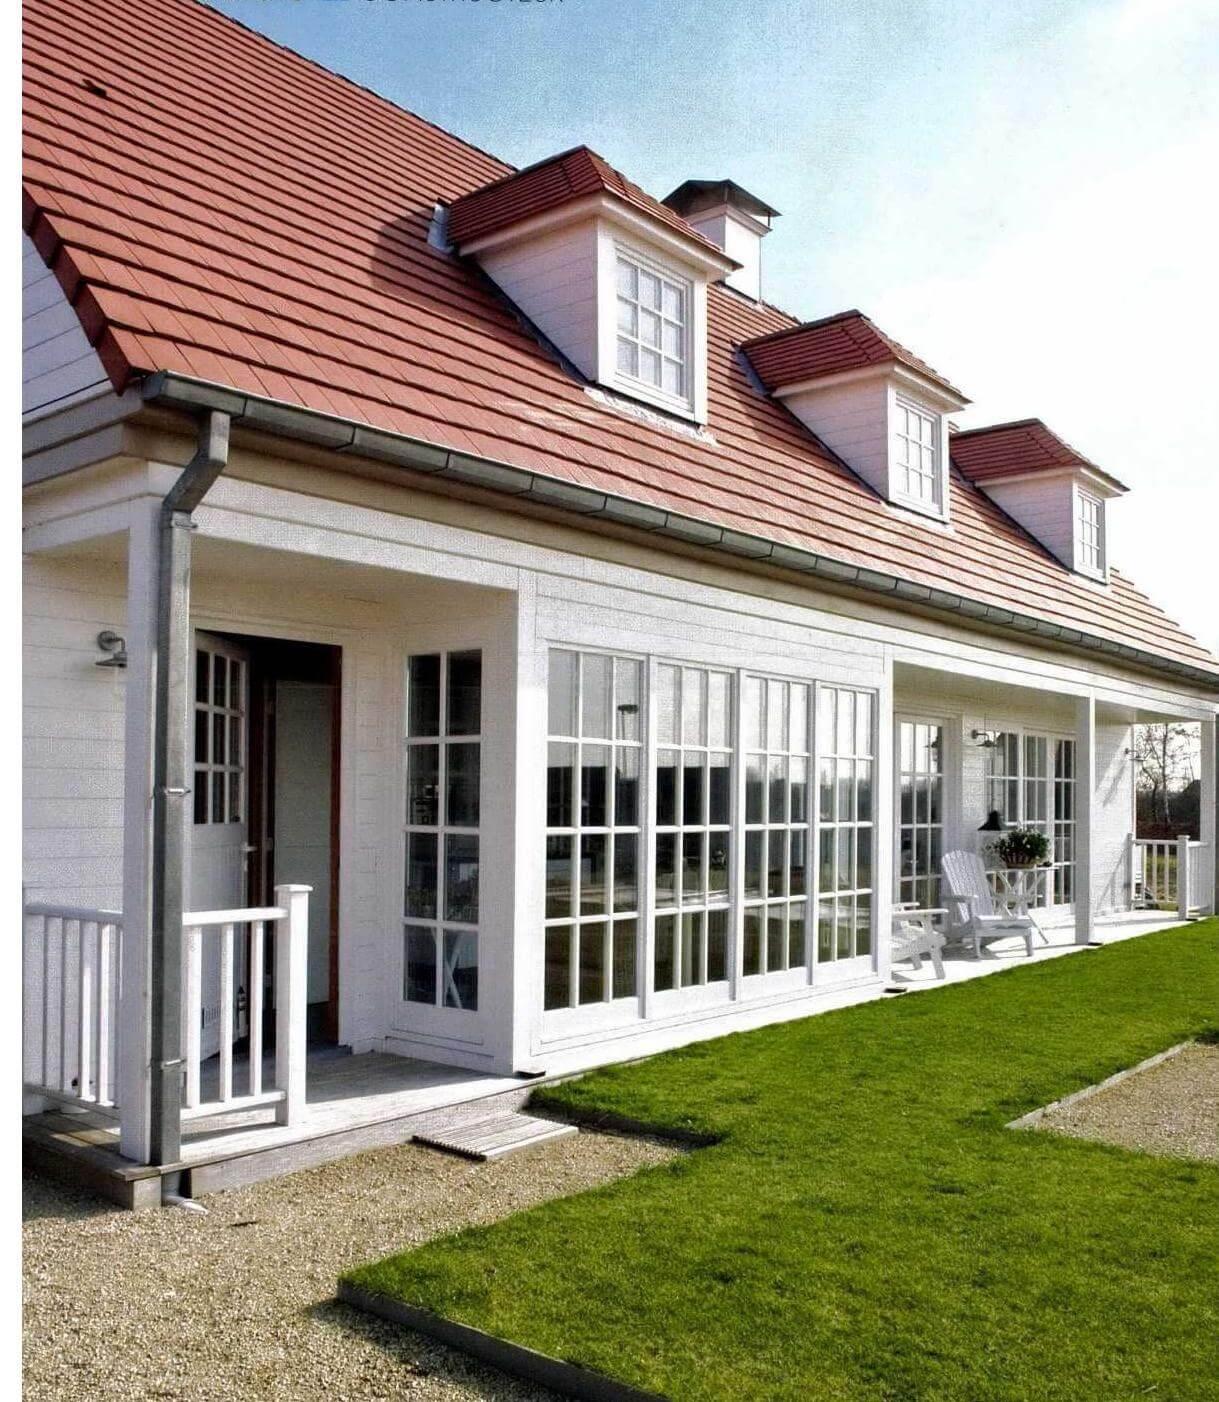 Les avantages de construire une maison bois for Avantages maison bois